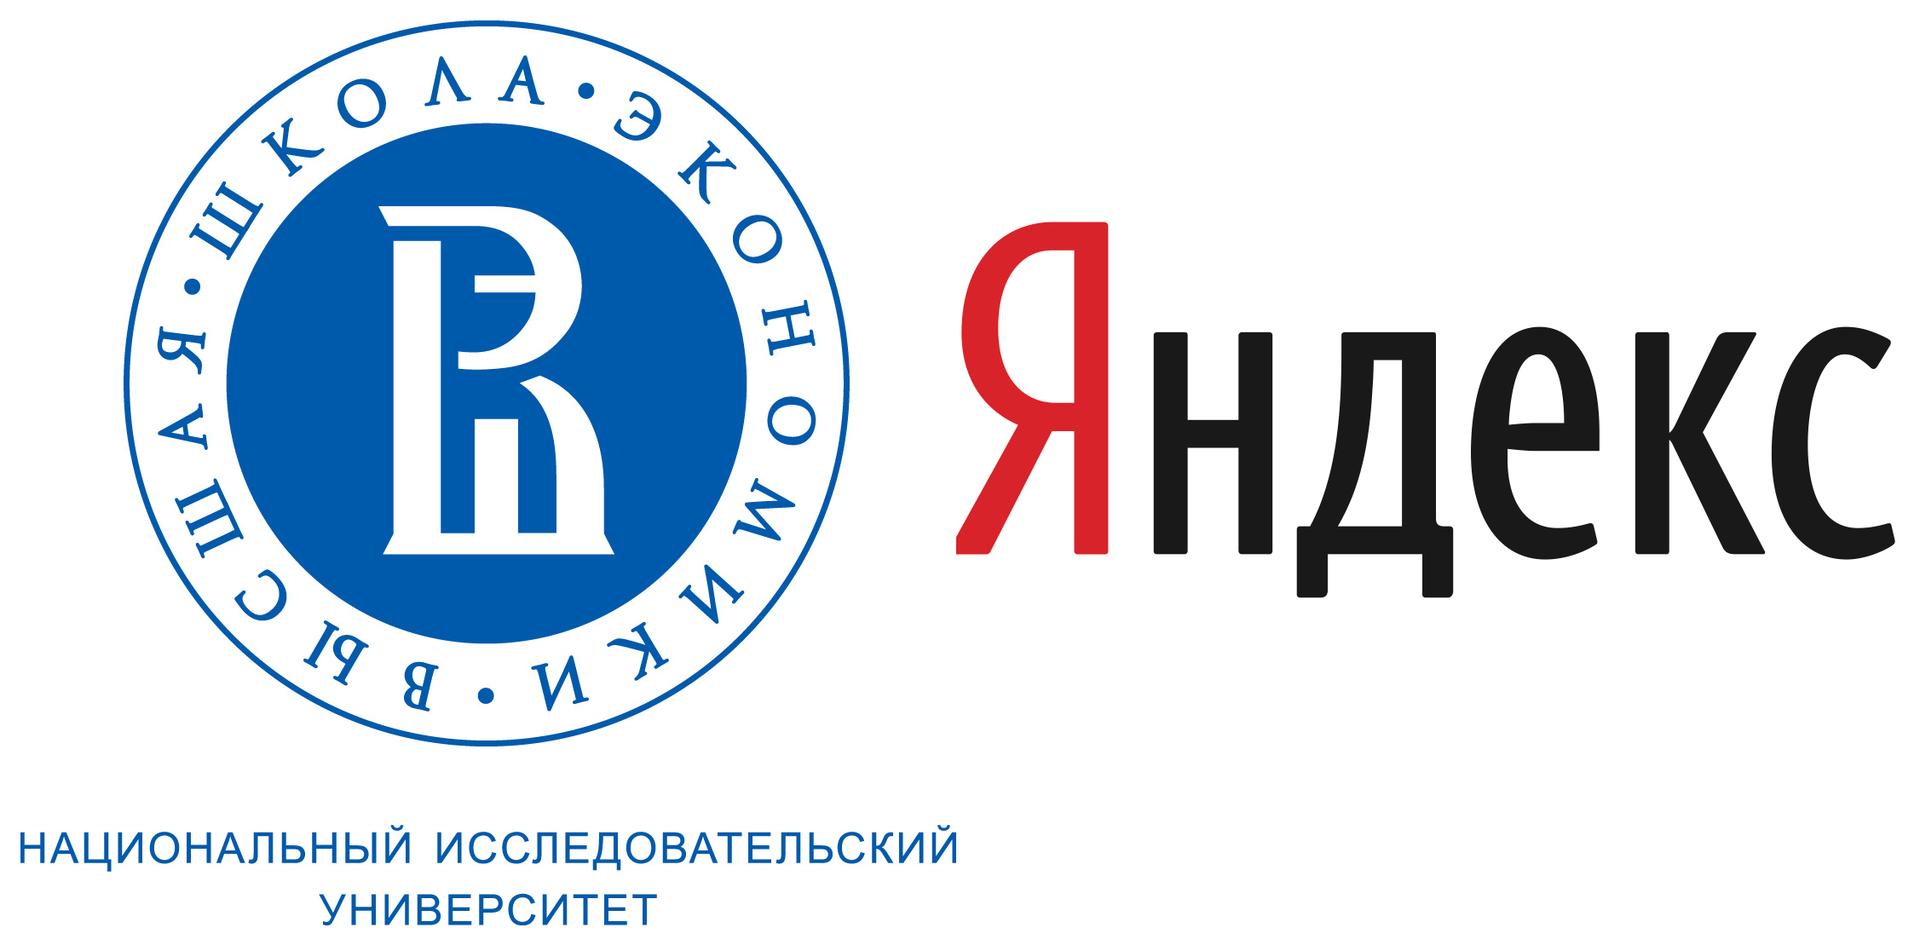 Яндекс и Высшая школа экономики открывают факультет Computer Science